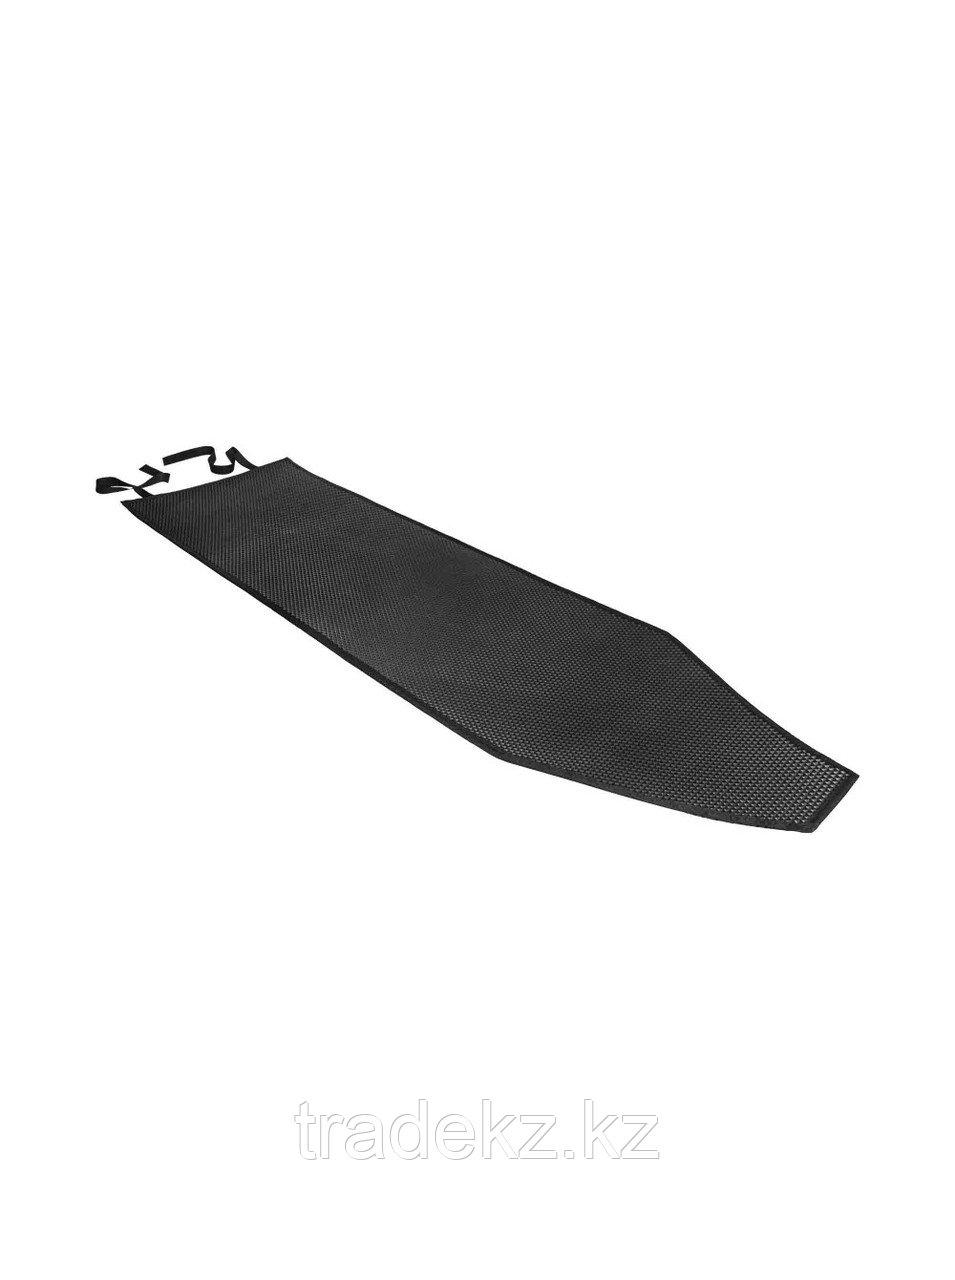 Коврик ЭВА EVA Proff по форме дна для лодки ТАЙМЕНЬ 3200 НДНД (Таймень LX 3200 НДНД)